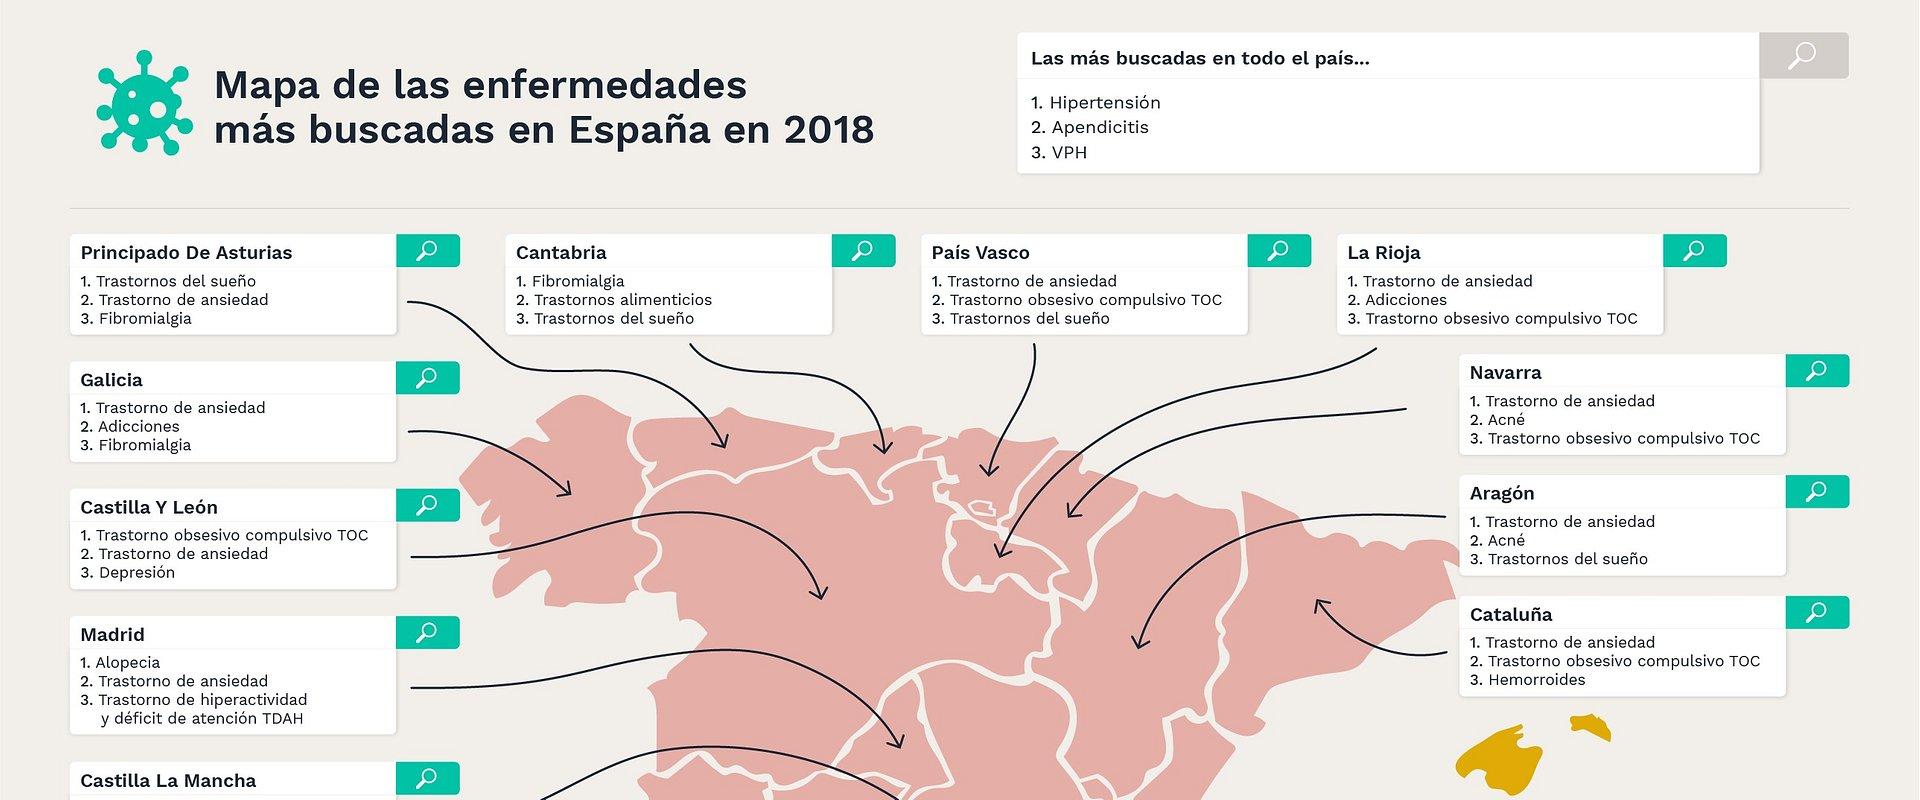 Enfermedades mentales, de transmisión sexual y de alta prevalencia entre las más buscadas del 2018